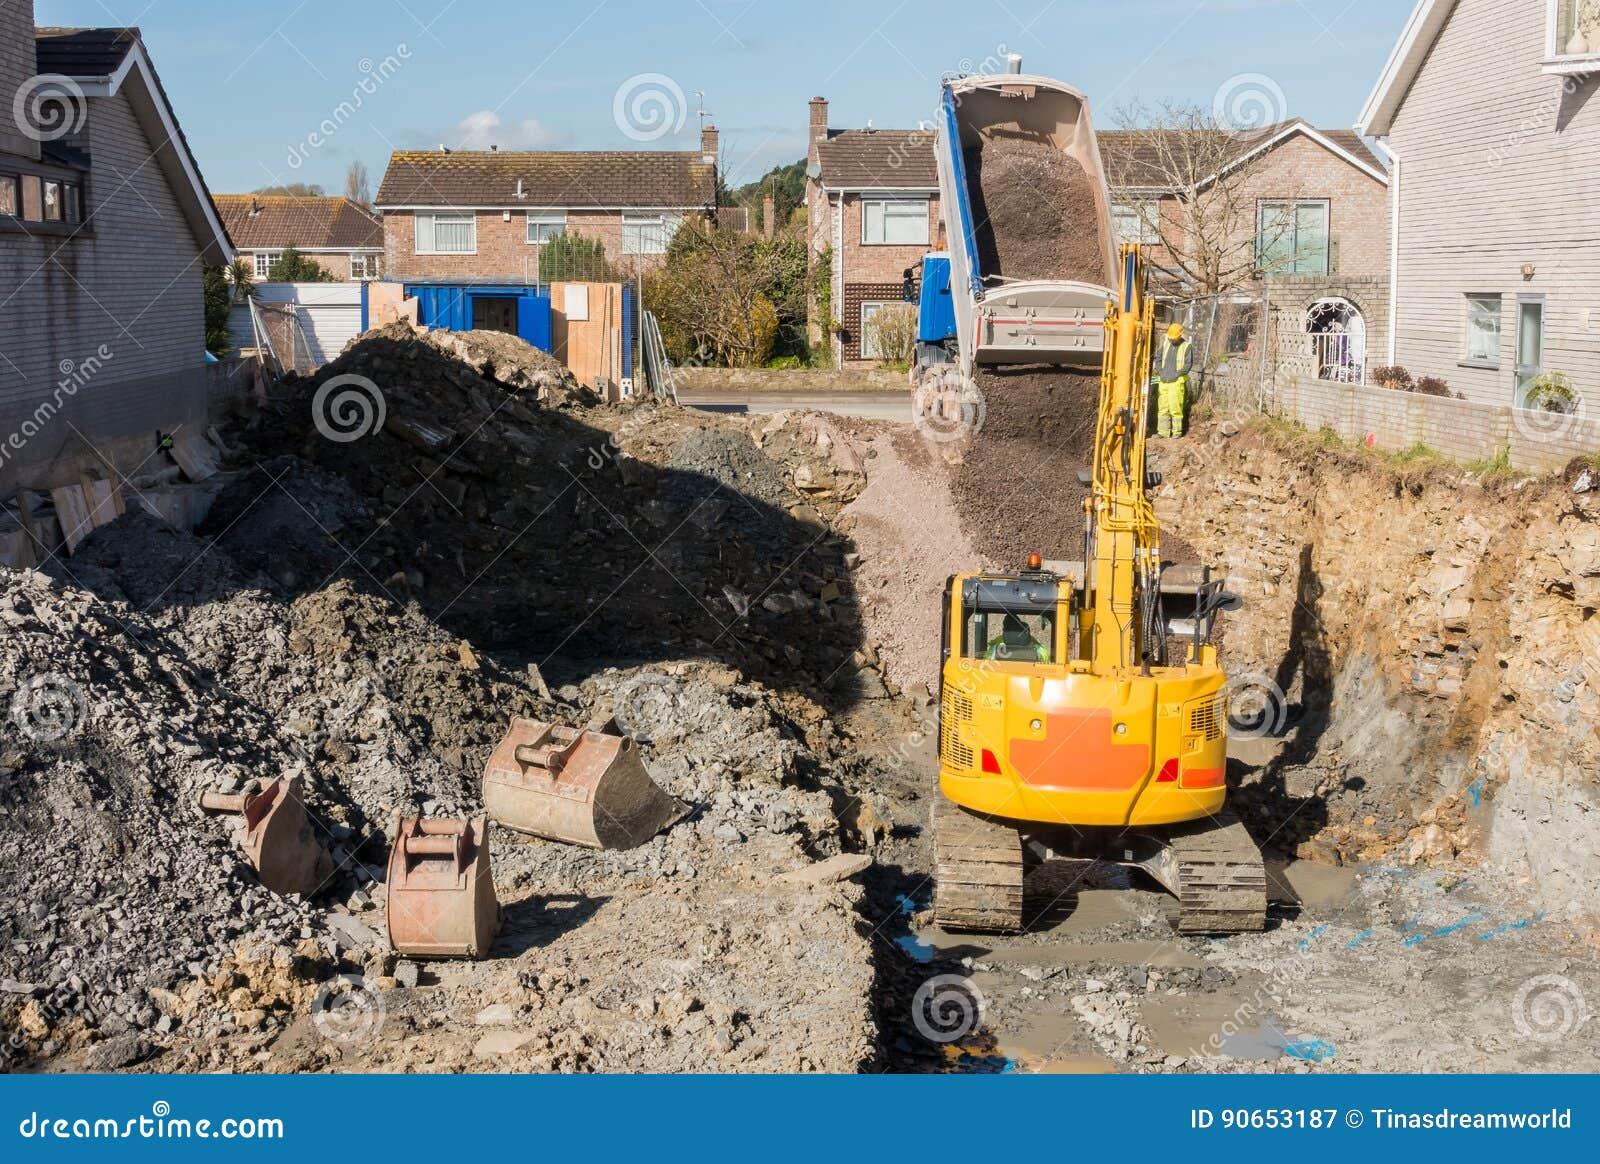 Graafwerktuig Digging terwijl de Kipwagenvrachtwagen leegmaakt